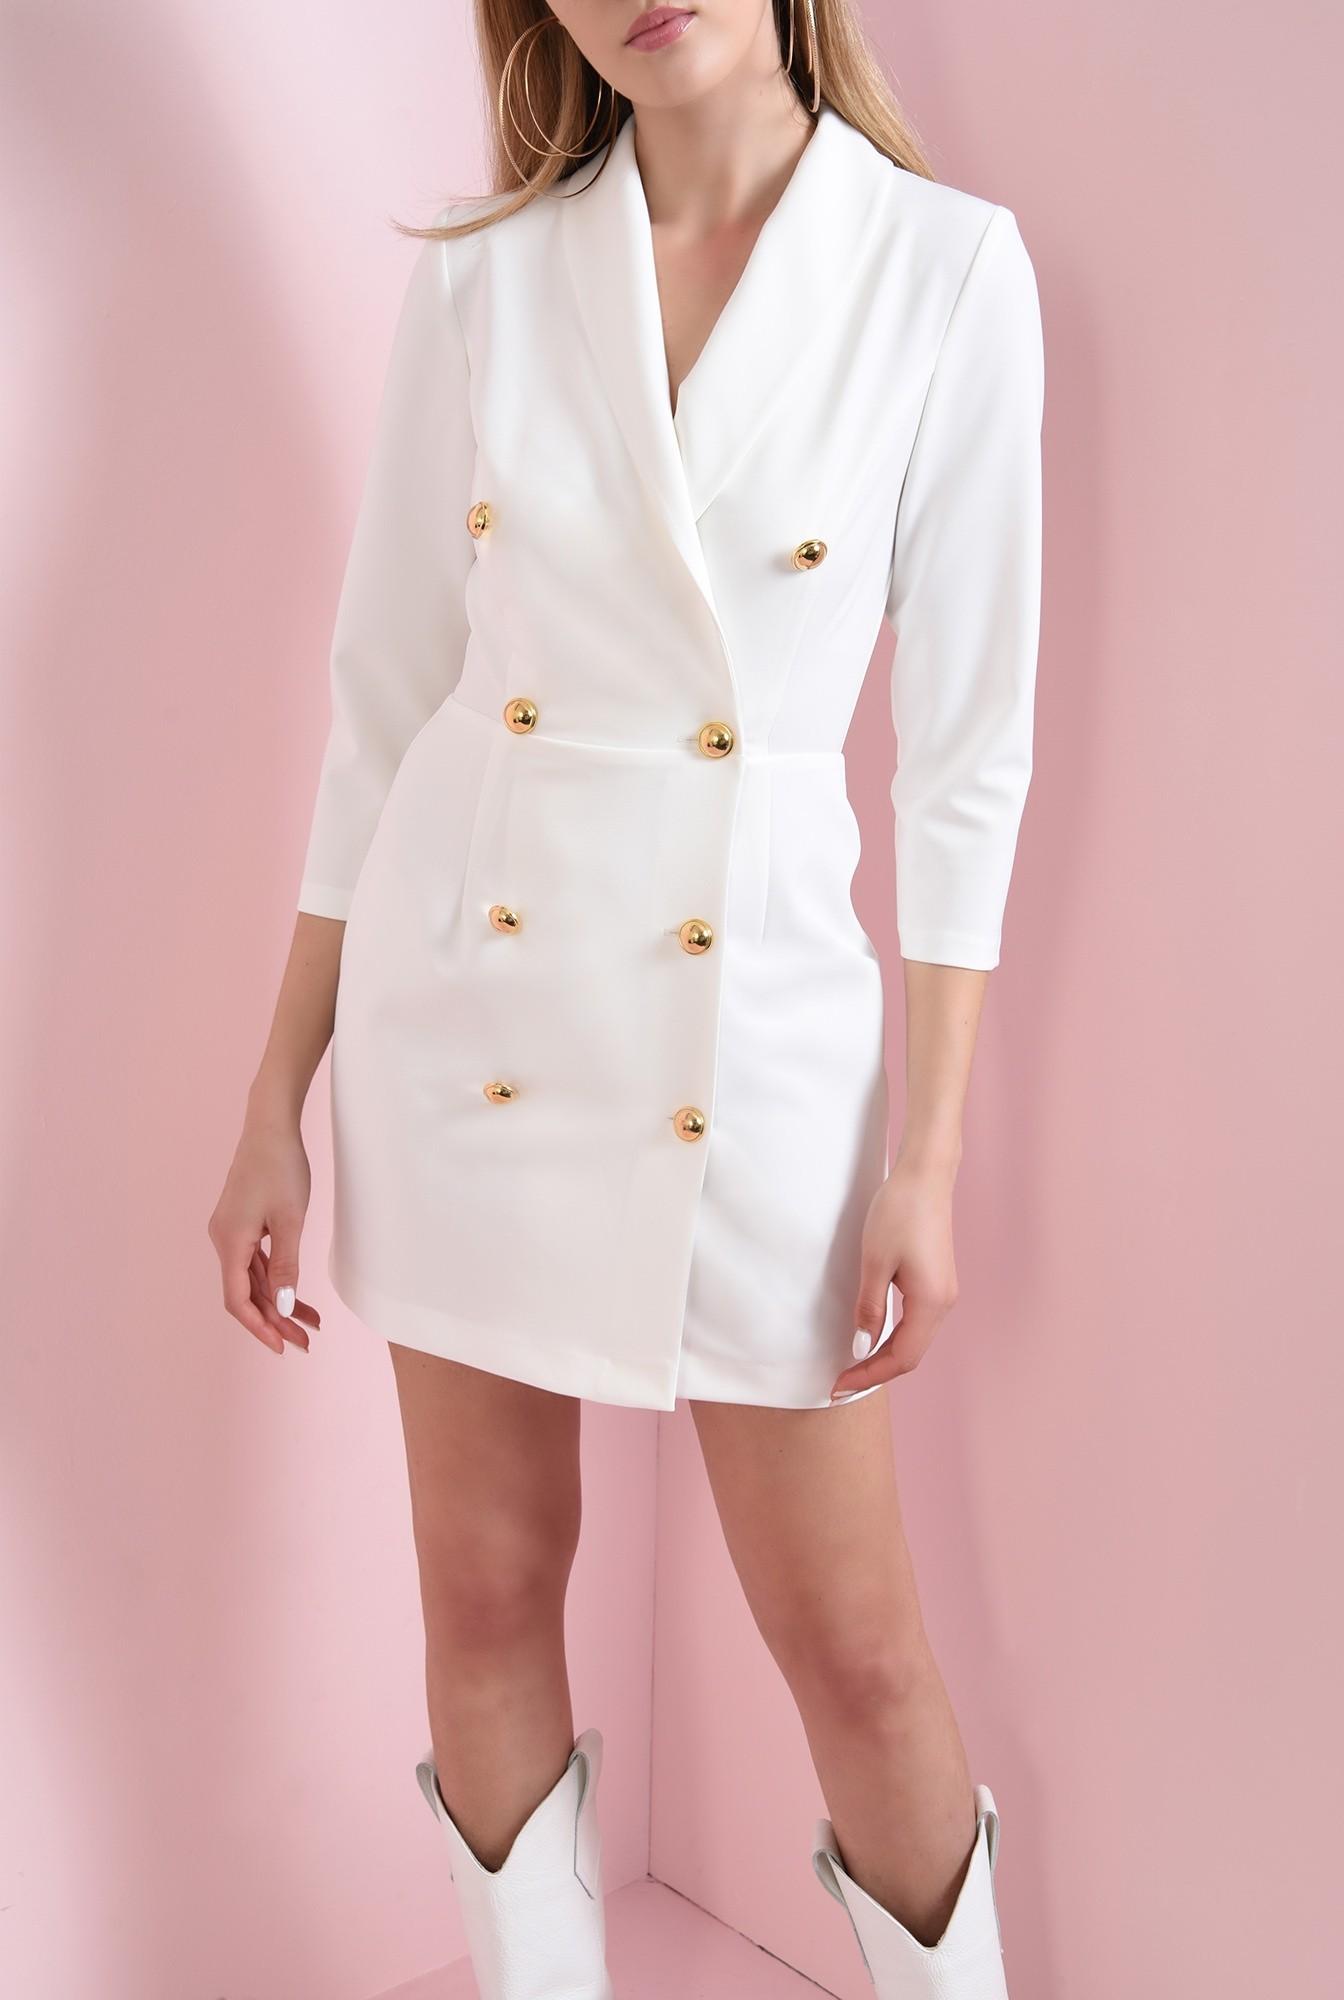 1 - 360 - rochie mini, ivoar, cu nasturi aurii